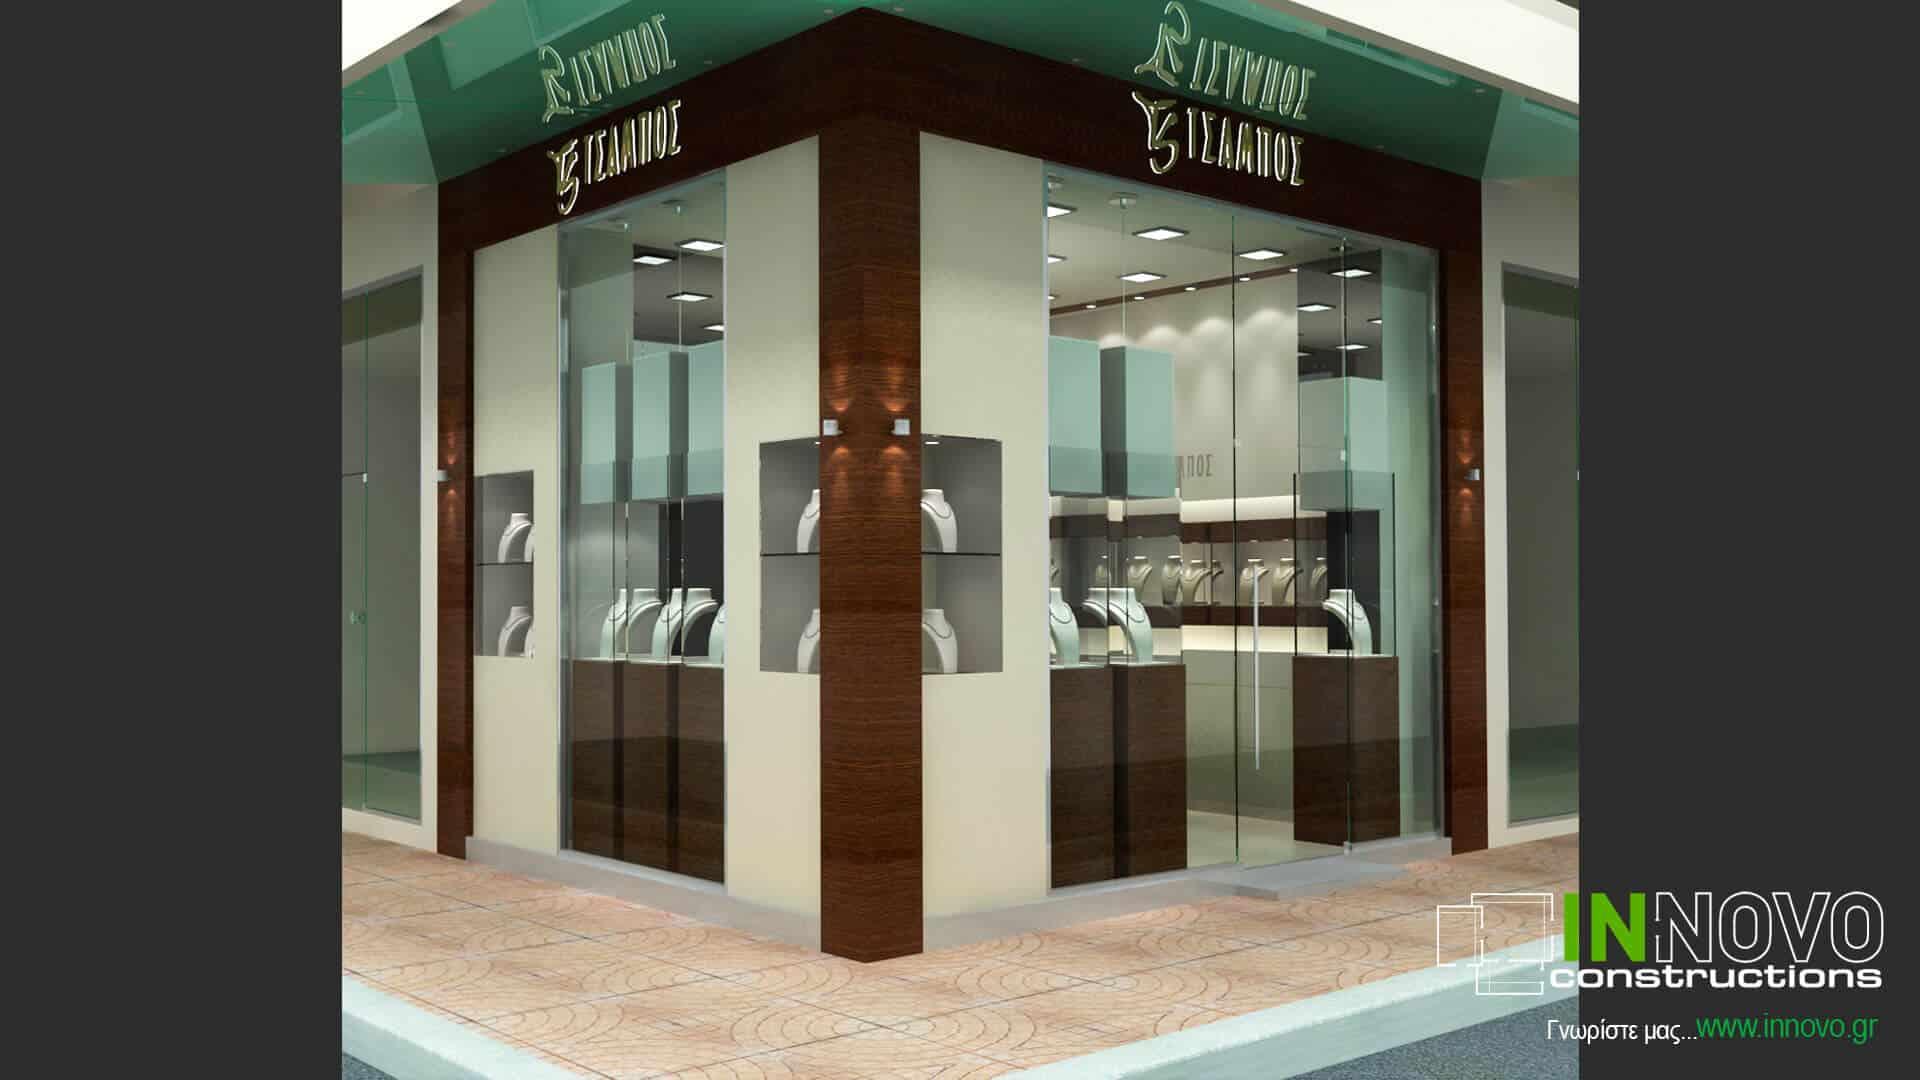 anakainisi-kosmimatopoleiou-jewelry-renovation-kosmimatopoleio-dafni-1235-7